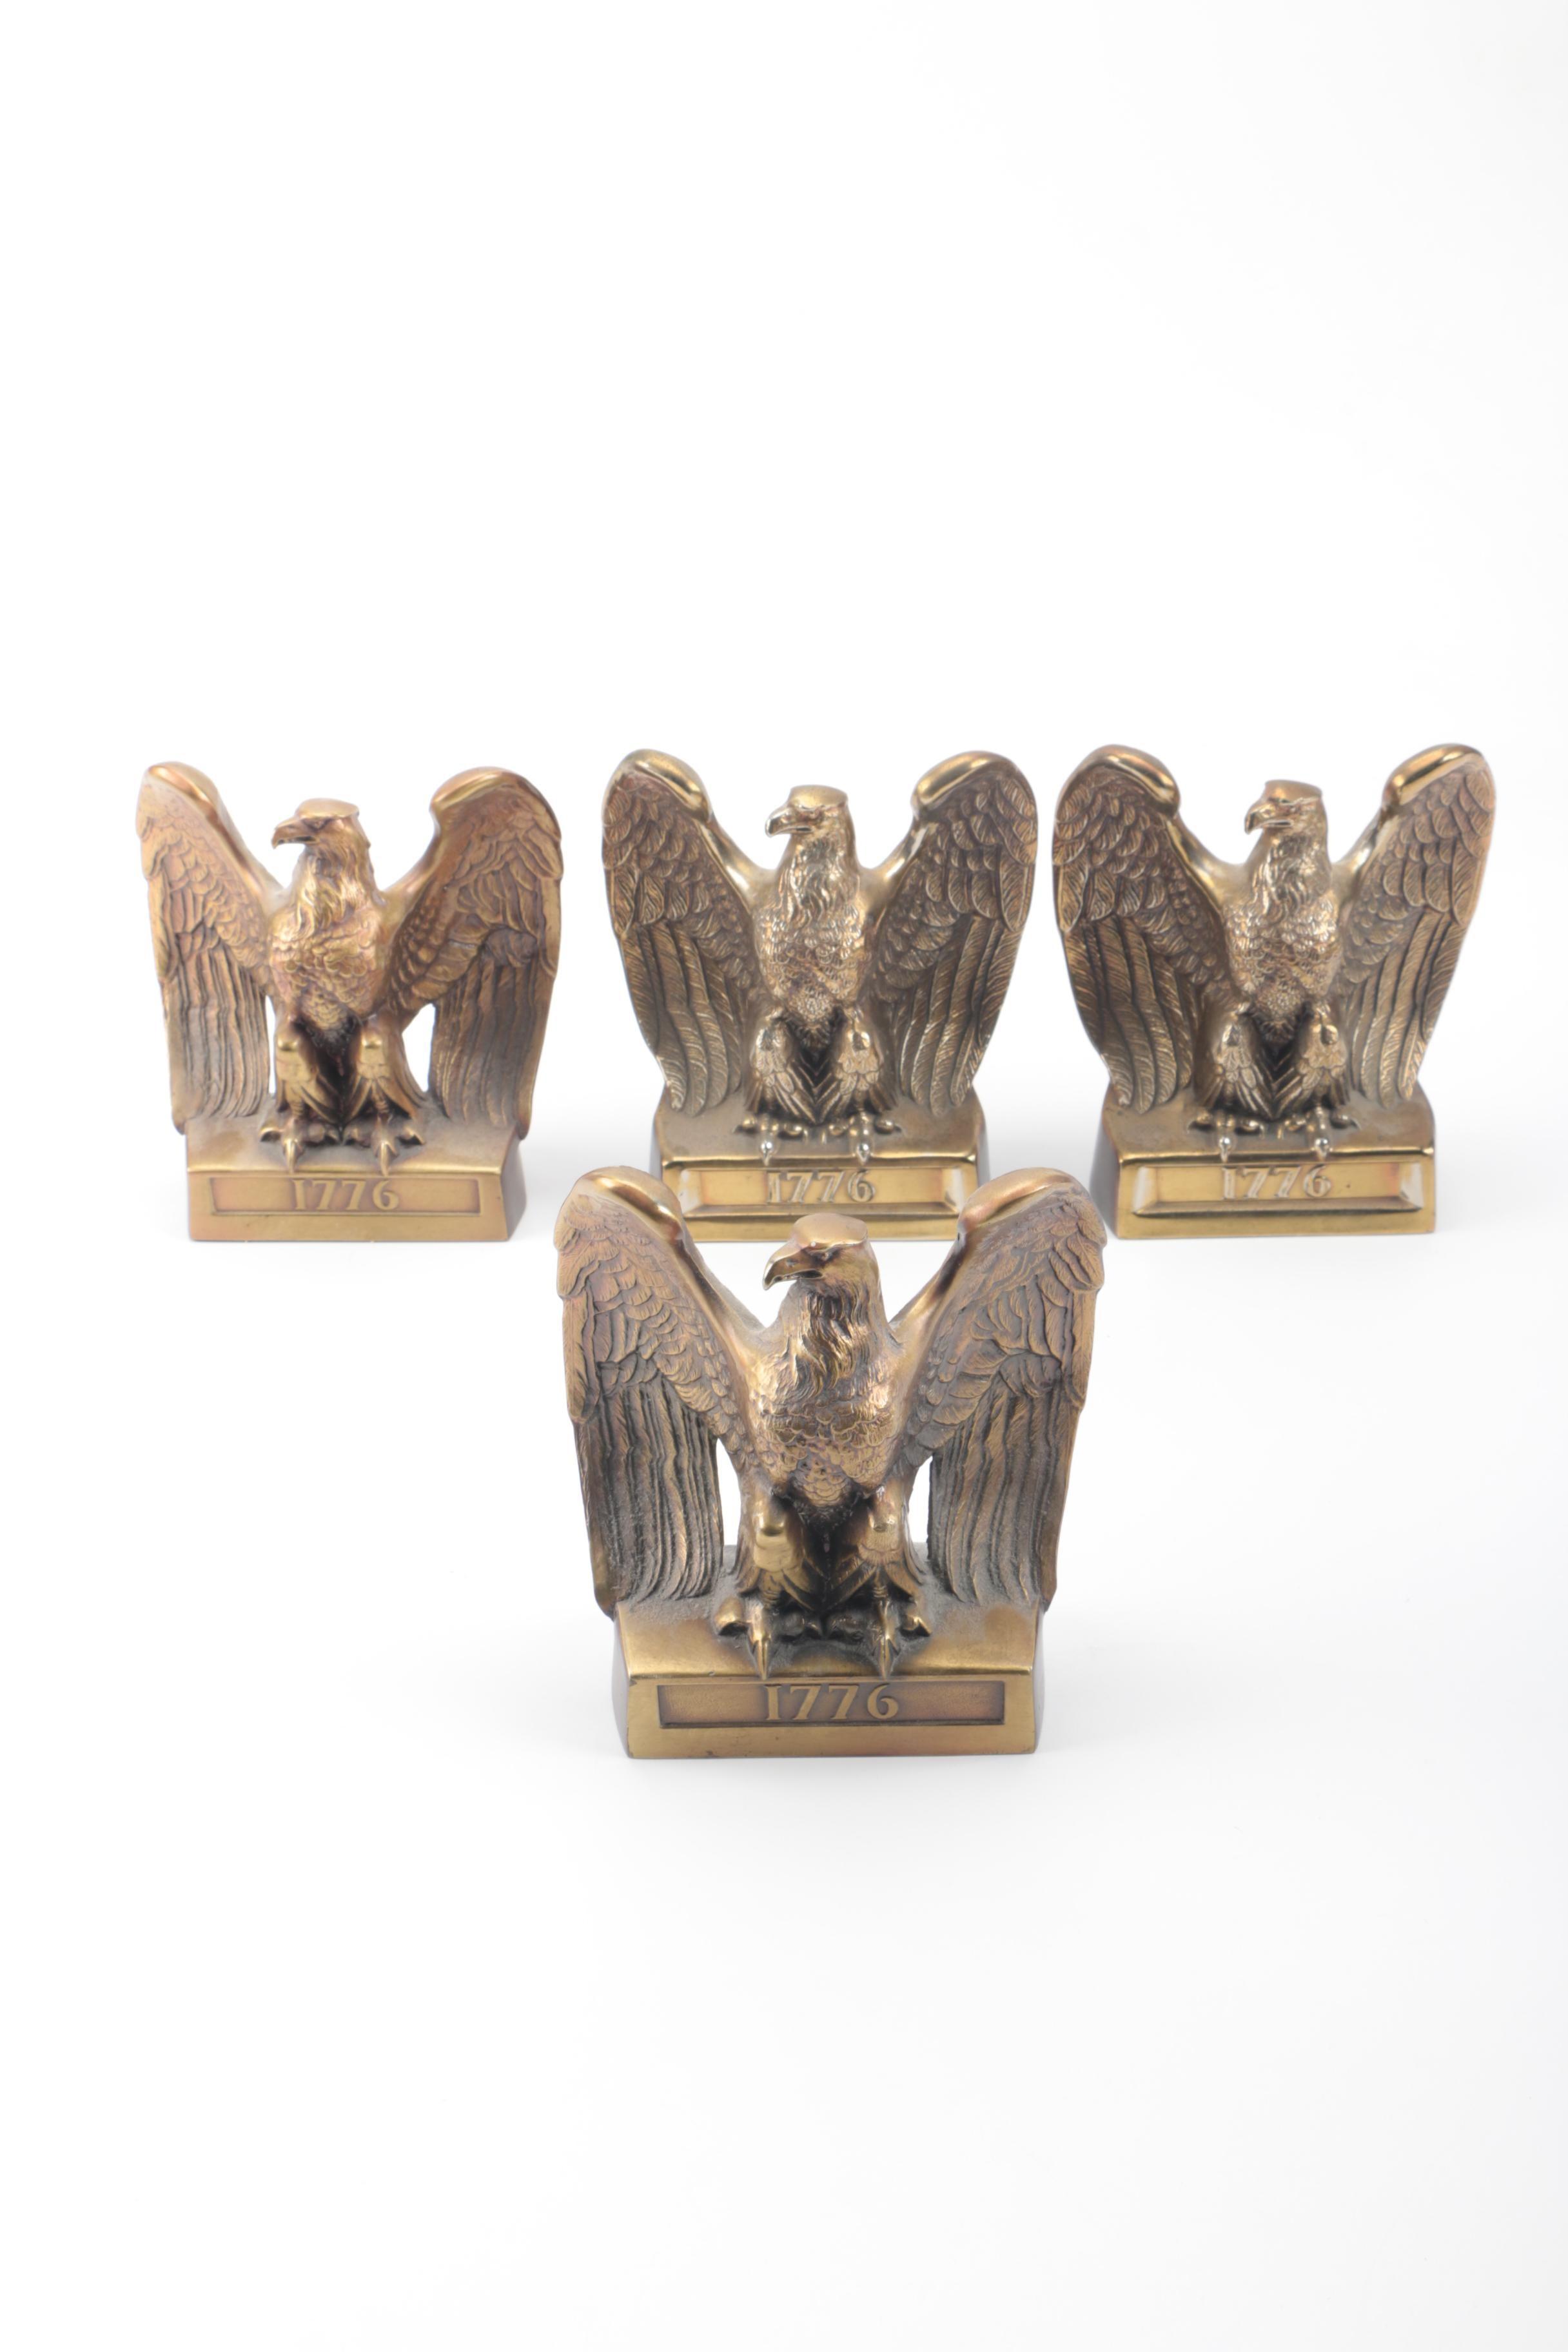 Philadelphia Manufacturing Company Eagle Bookends